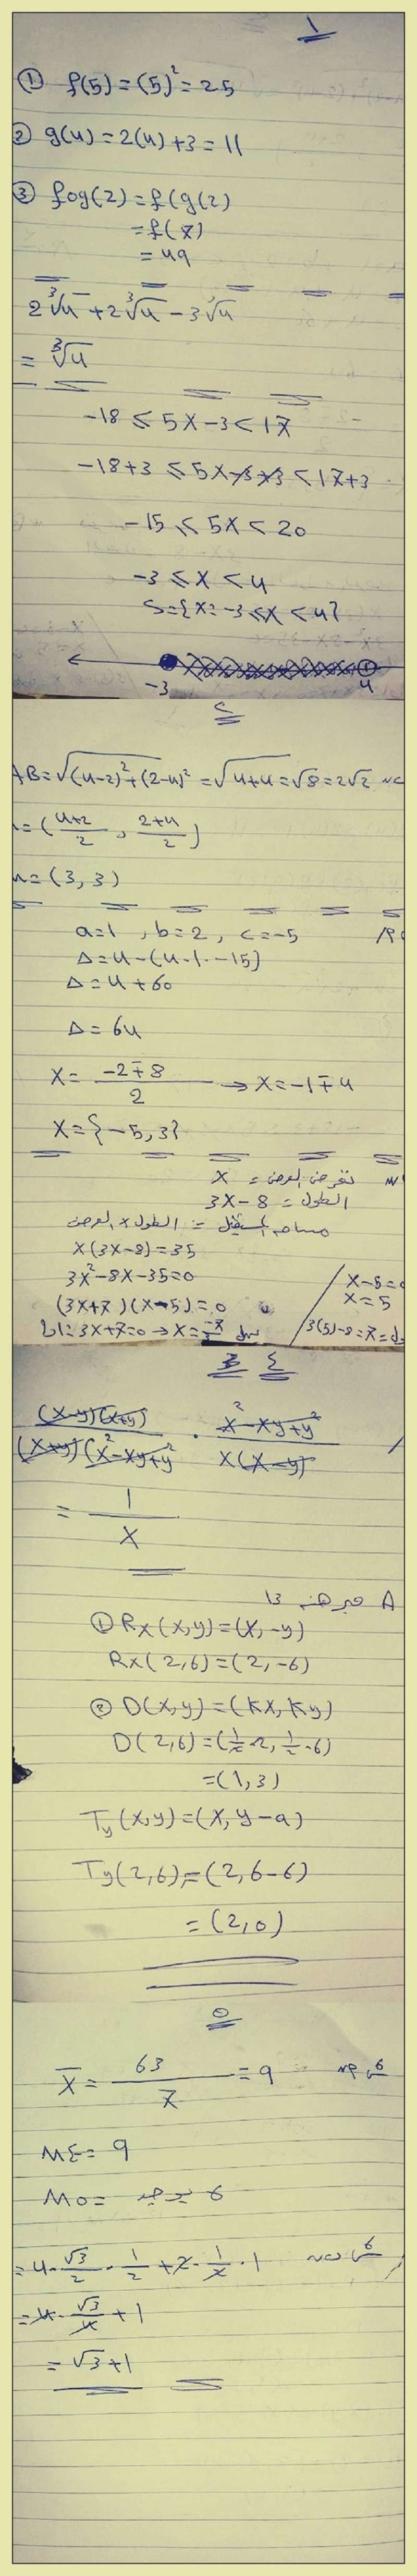 حل واجابة امتحان الدور الثالث فى الرياضيات للثالث المتوسط 2016 3311